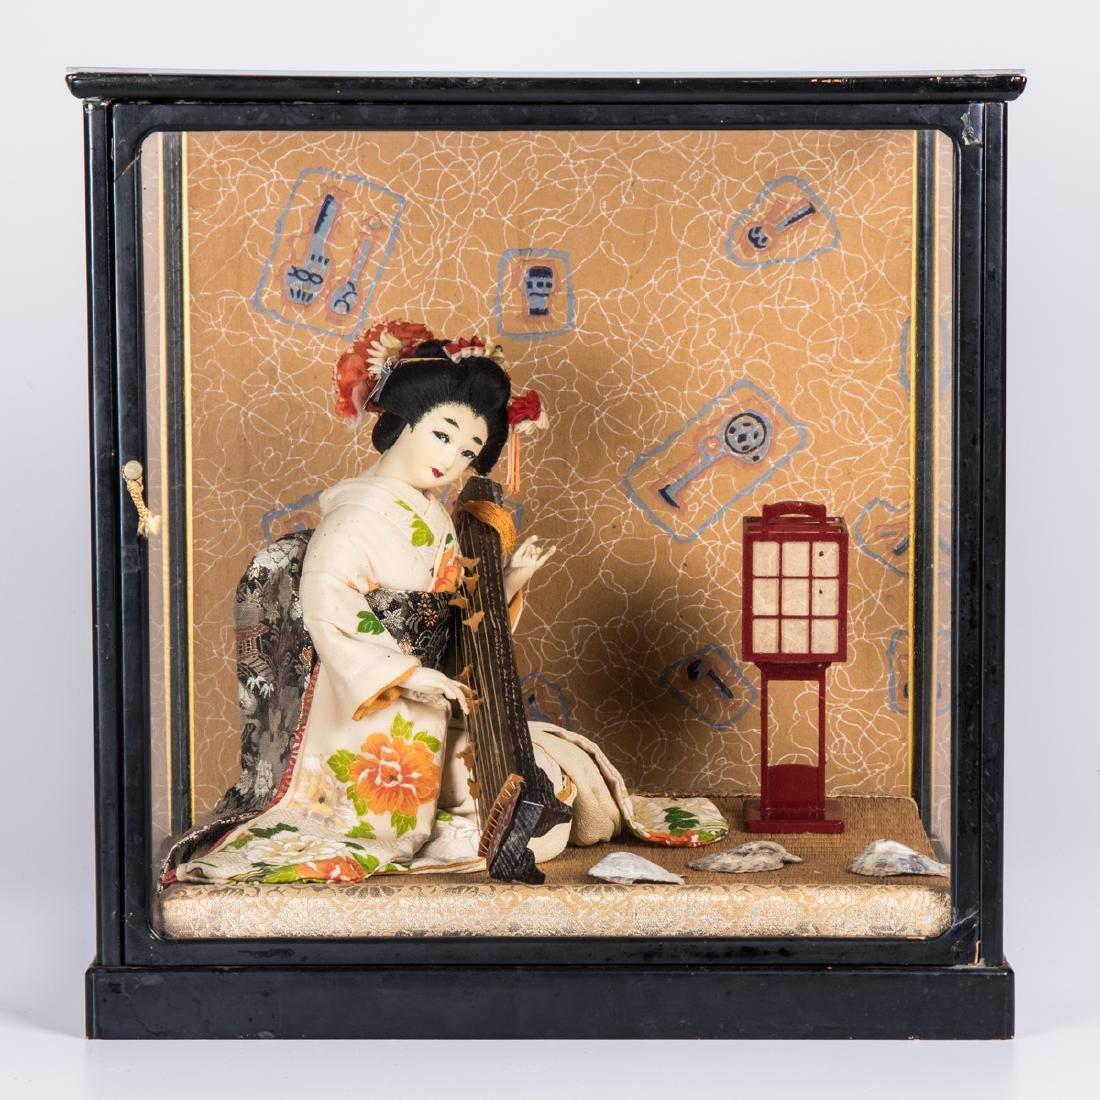 A Japanese Geisha Doll in a Shadow Box, 20th Century.